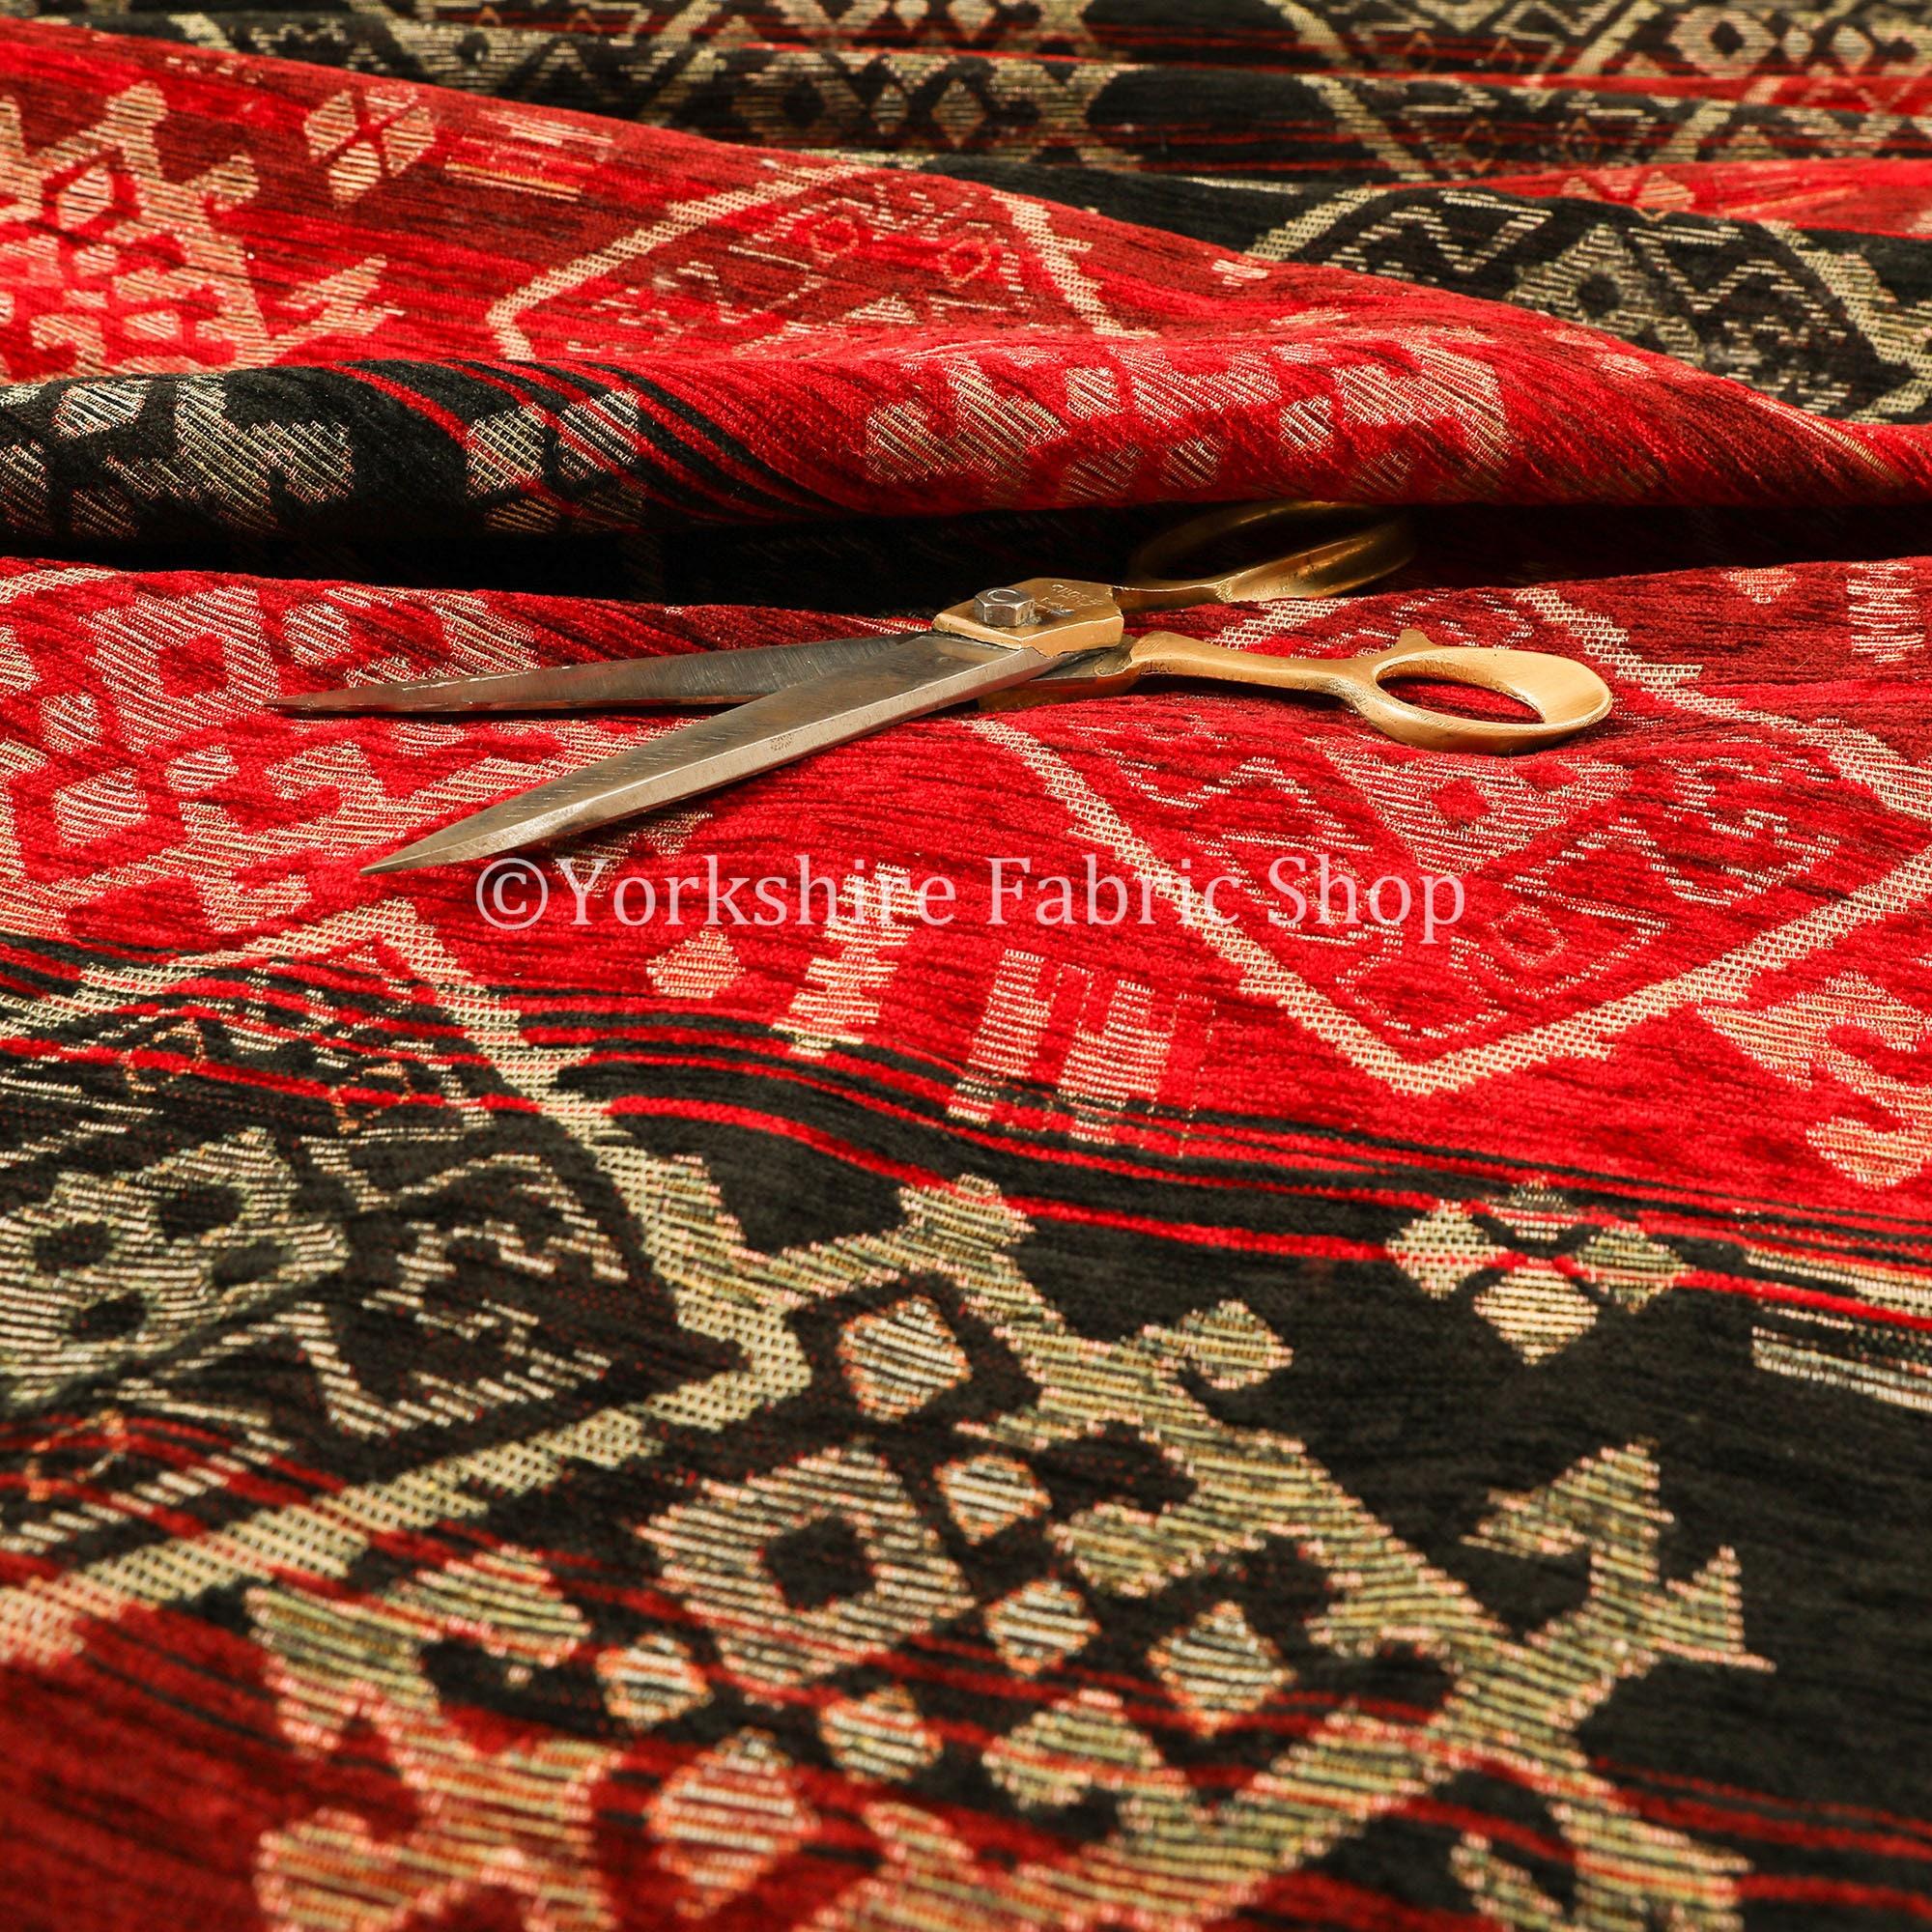 Poids lourds Kilim motif aztèque Chenille noir noir noir rouge Rideau tissus d'ameublement - vendus par le tissu de longueur de 10 mètres 134eca